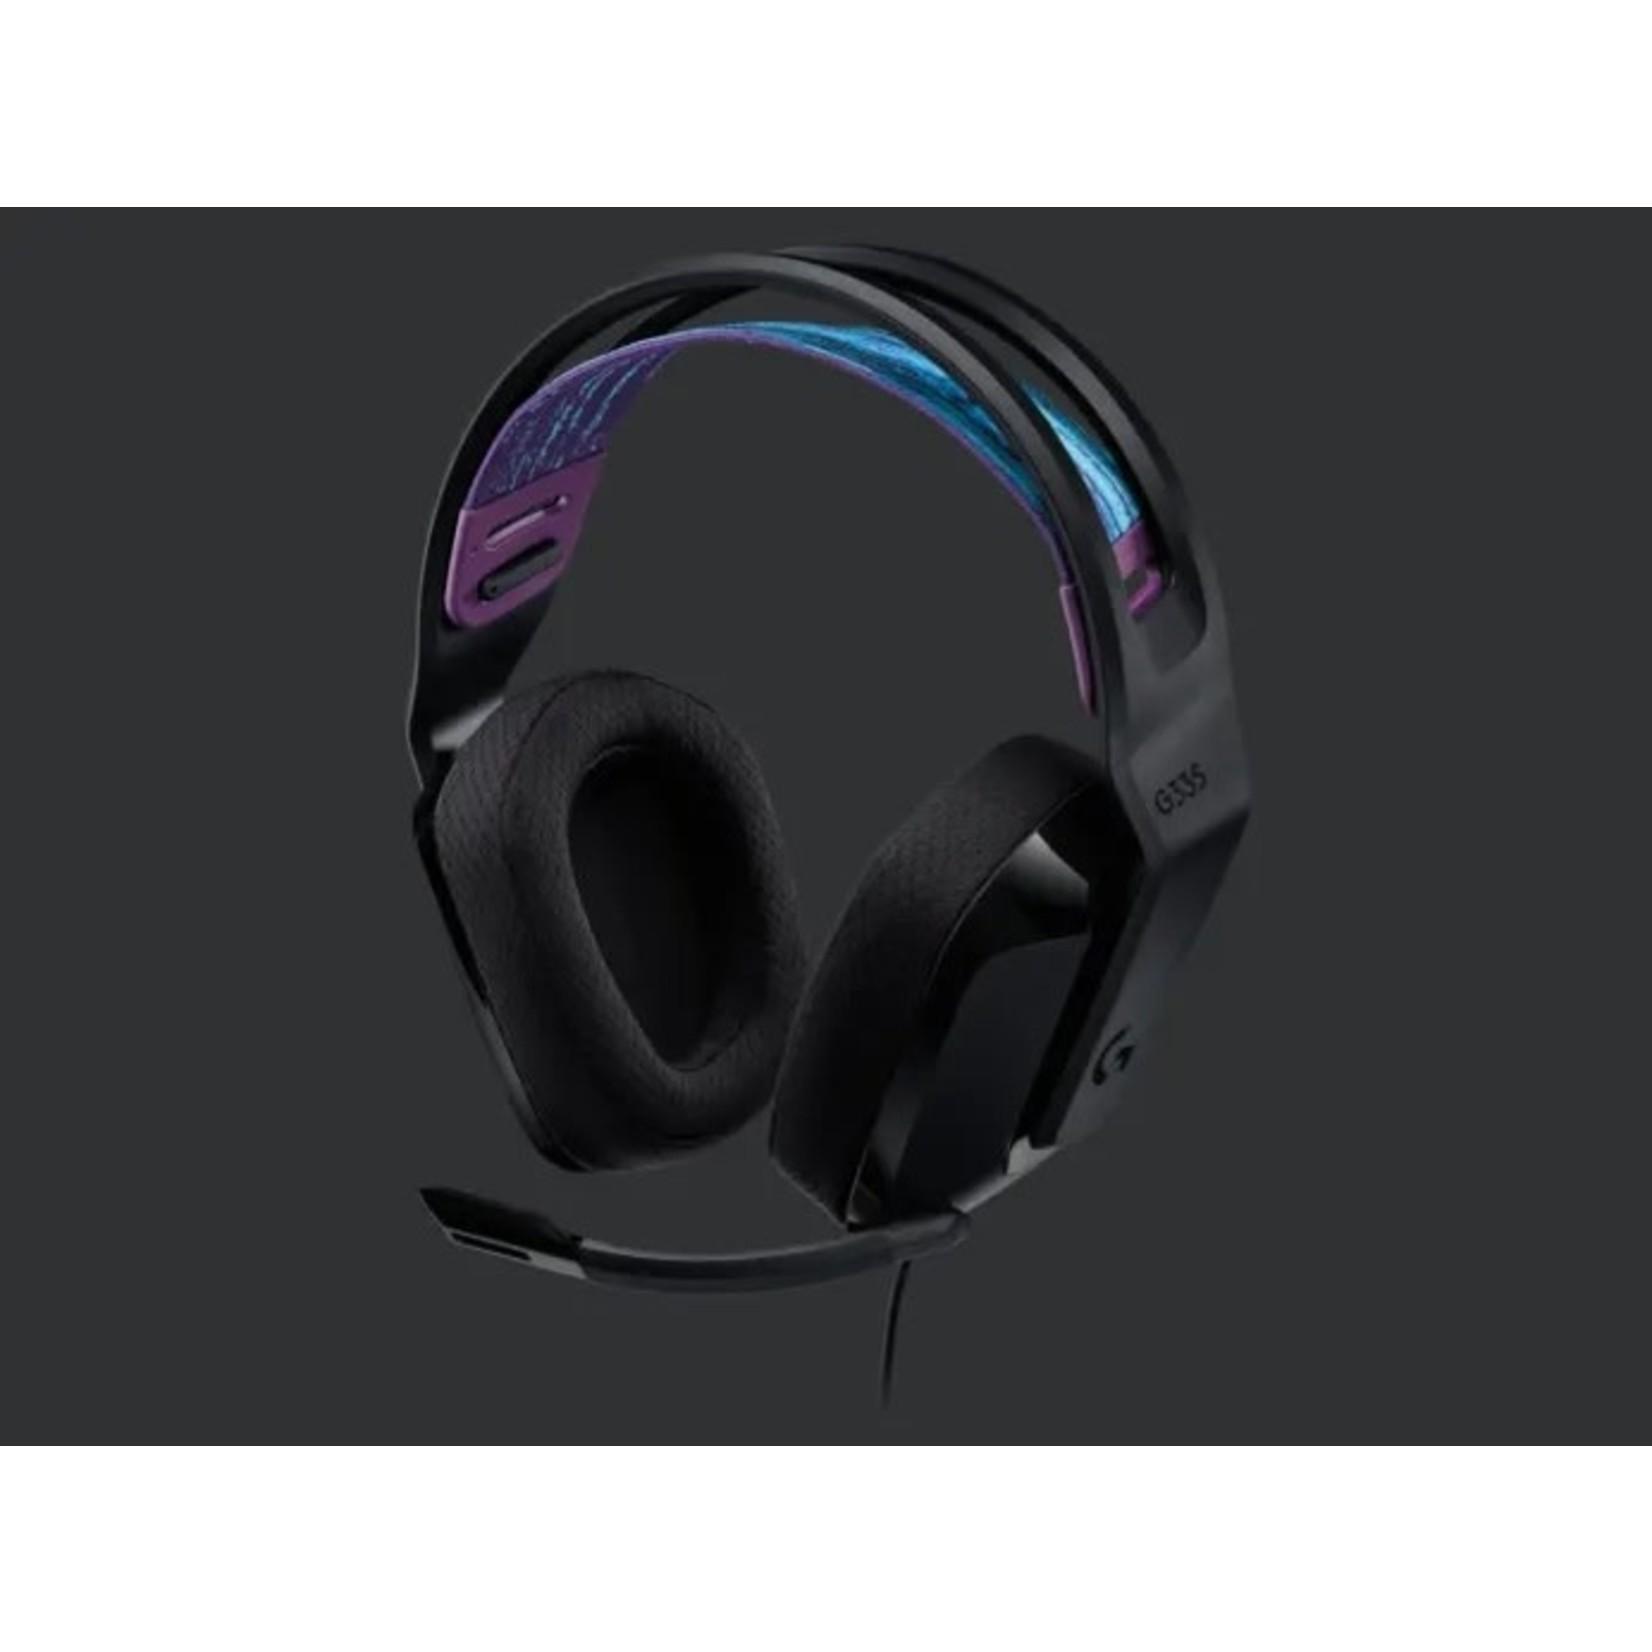 Logitech Logitech G335 Stereo Gaming Headset Black